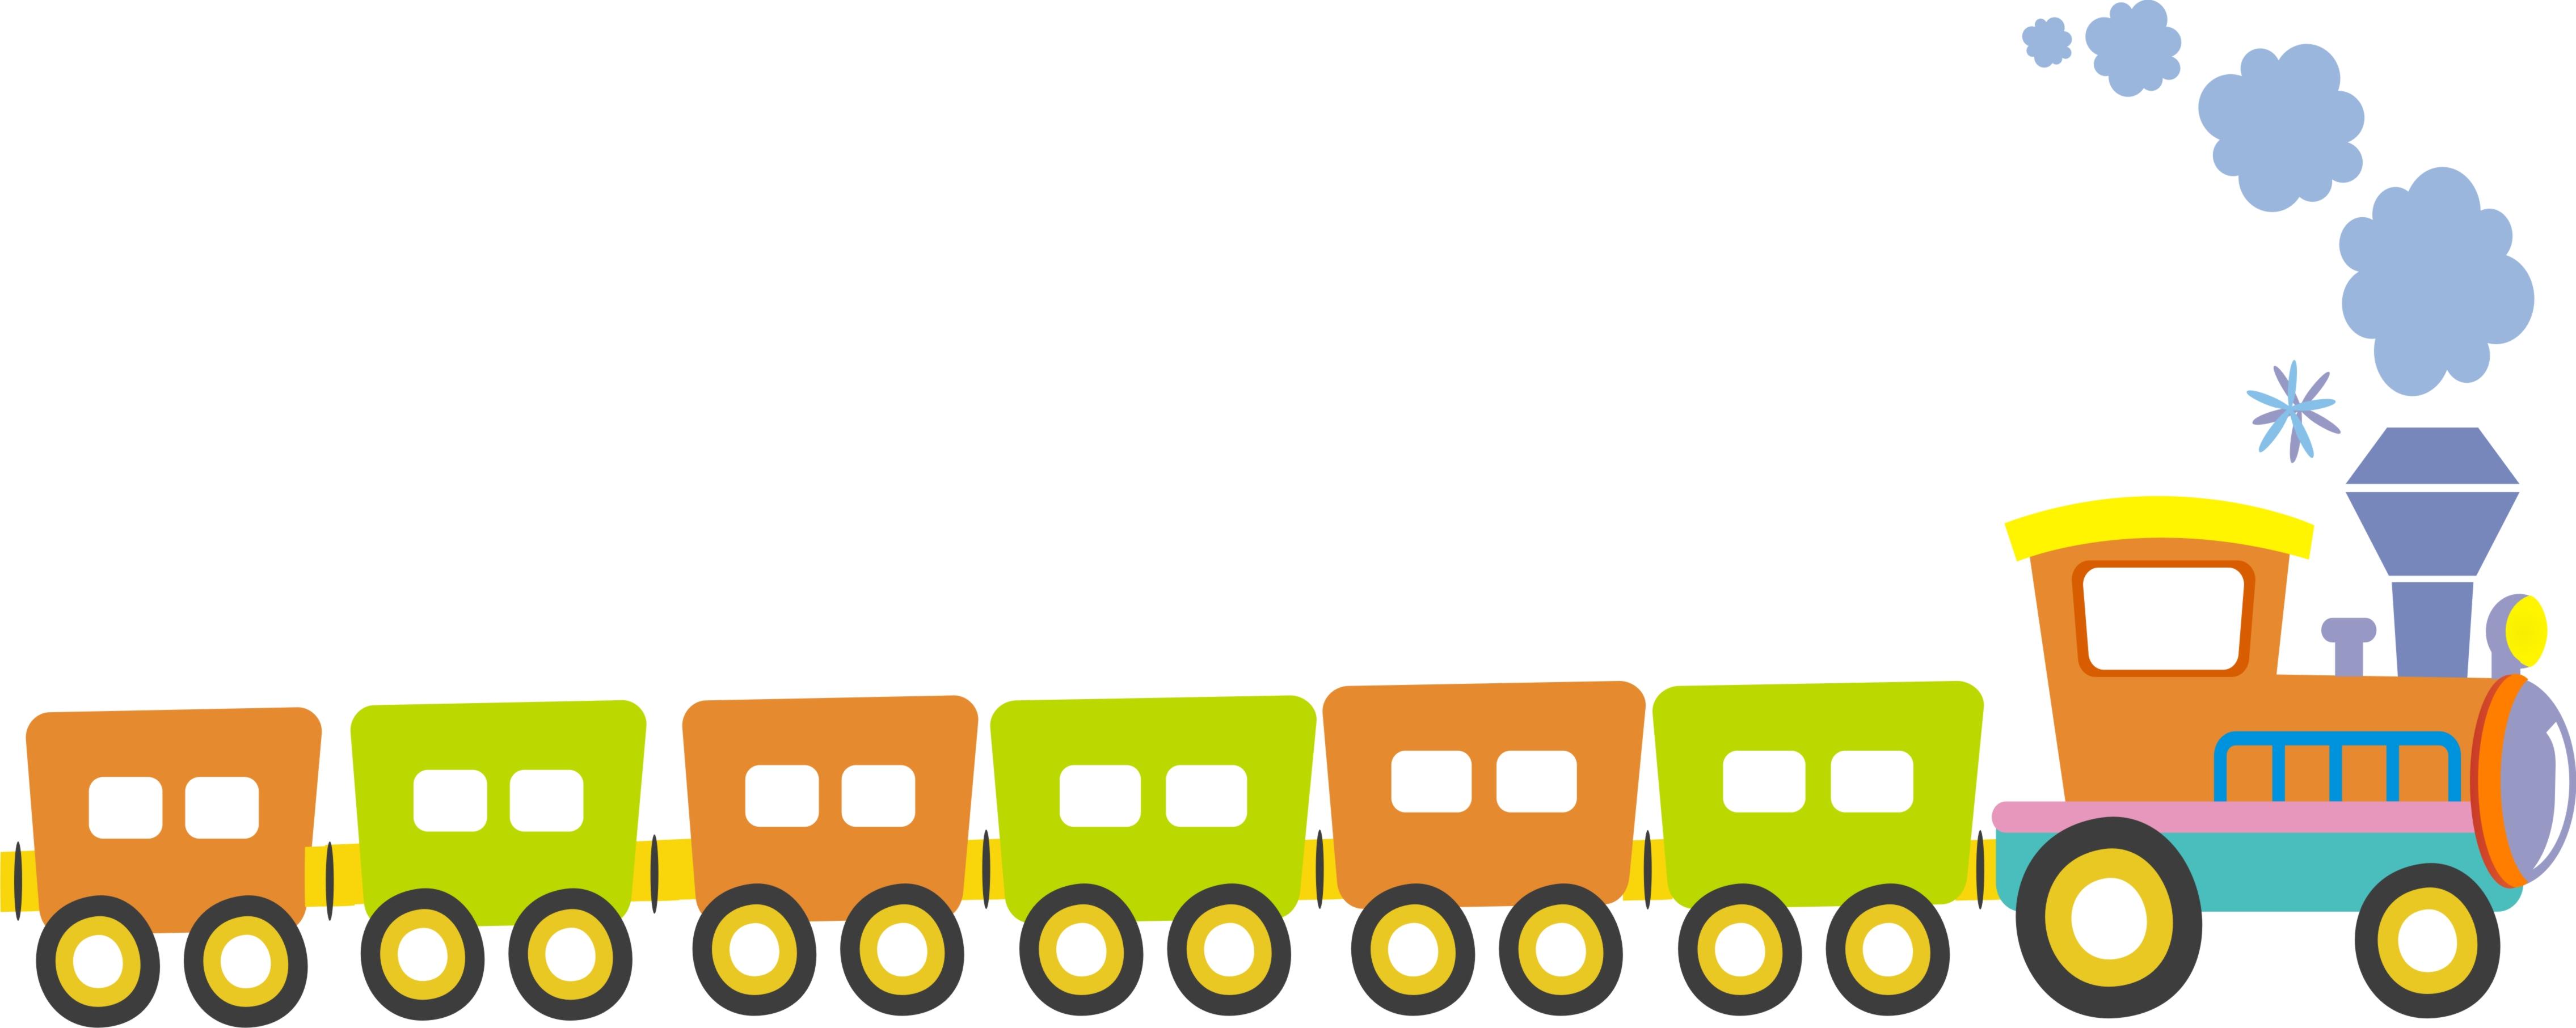 4541x1813 Train Clipart Cartoon